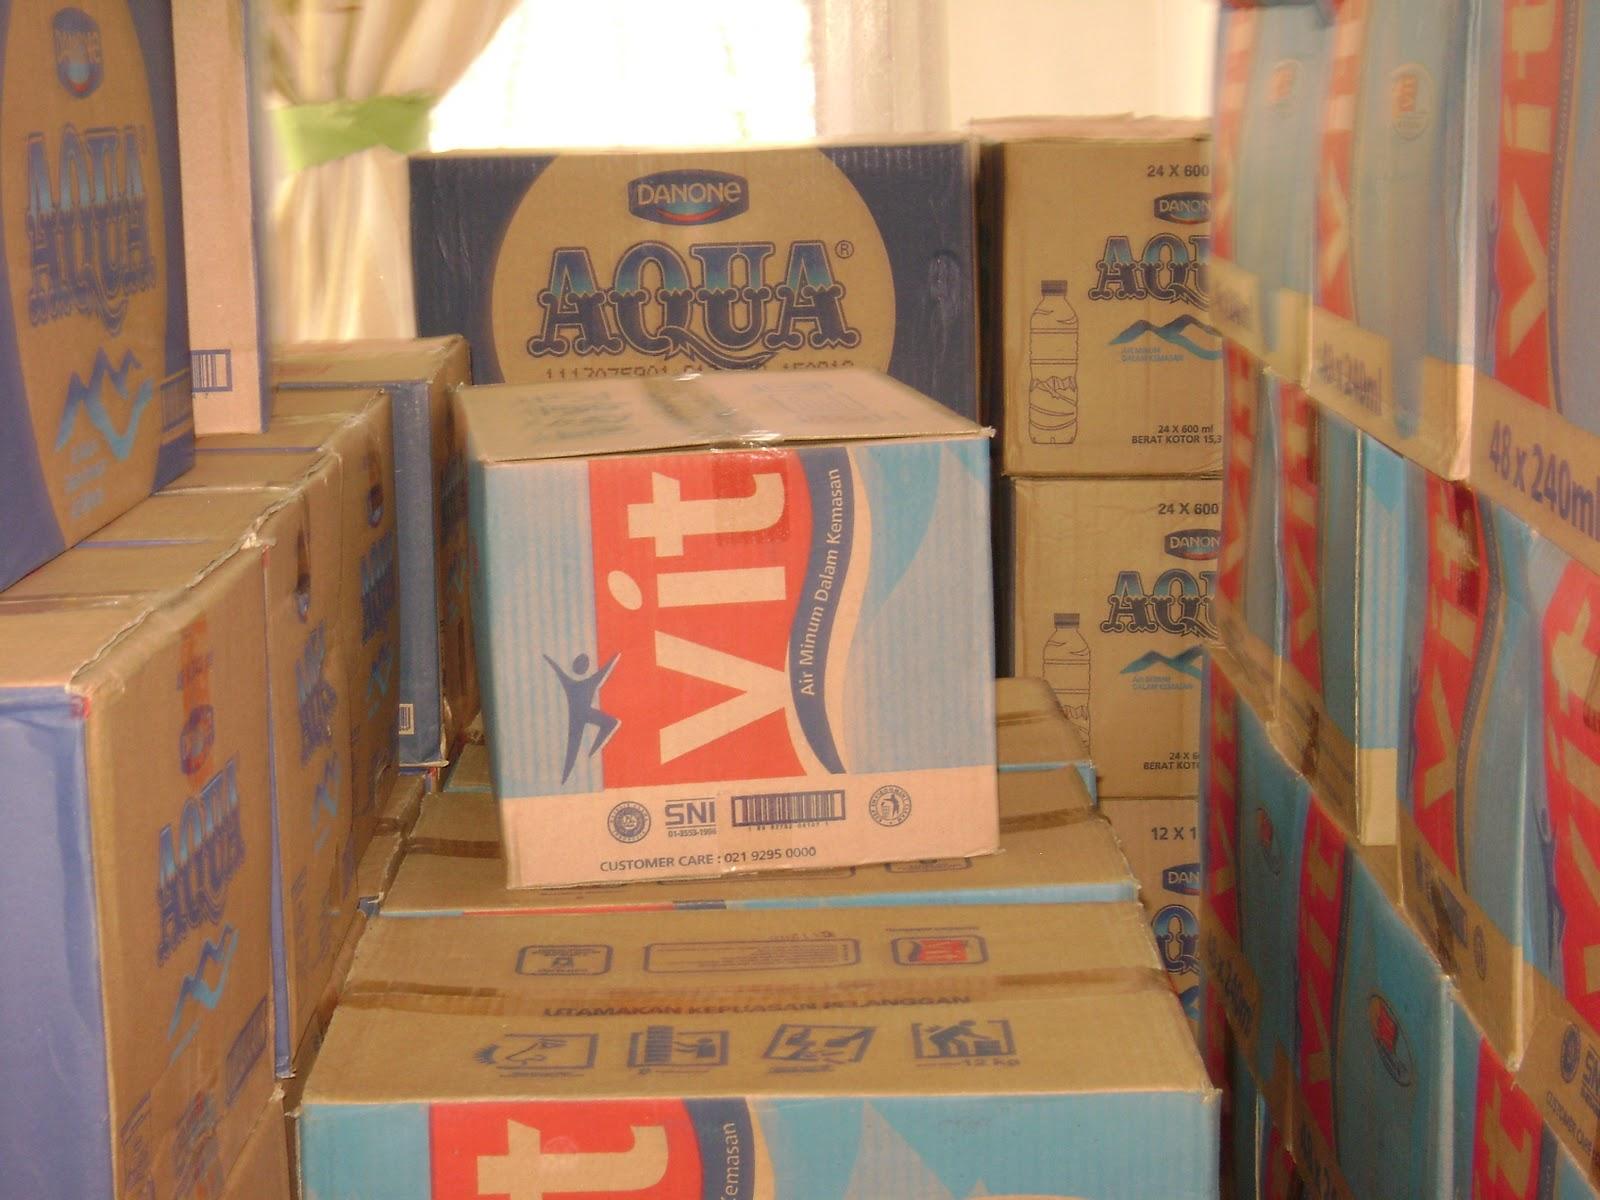 VIT Meluncurkan Kembali Merek Air Minum Dalam Kemasan dengan logo baru